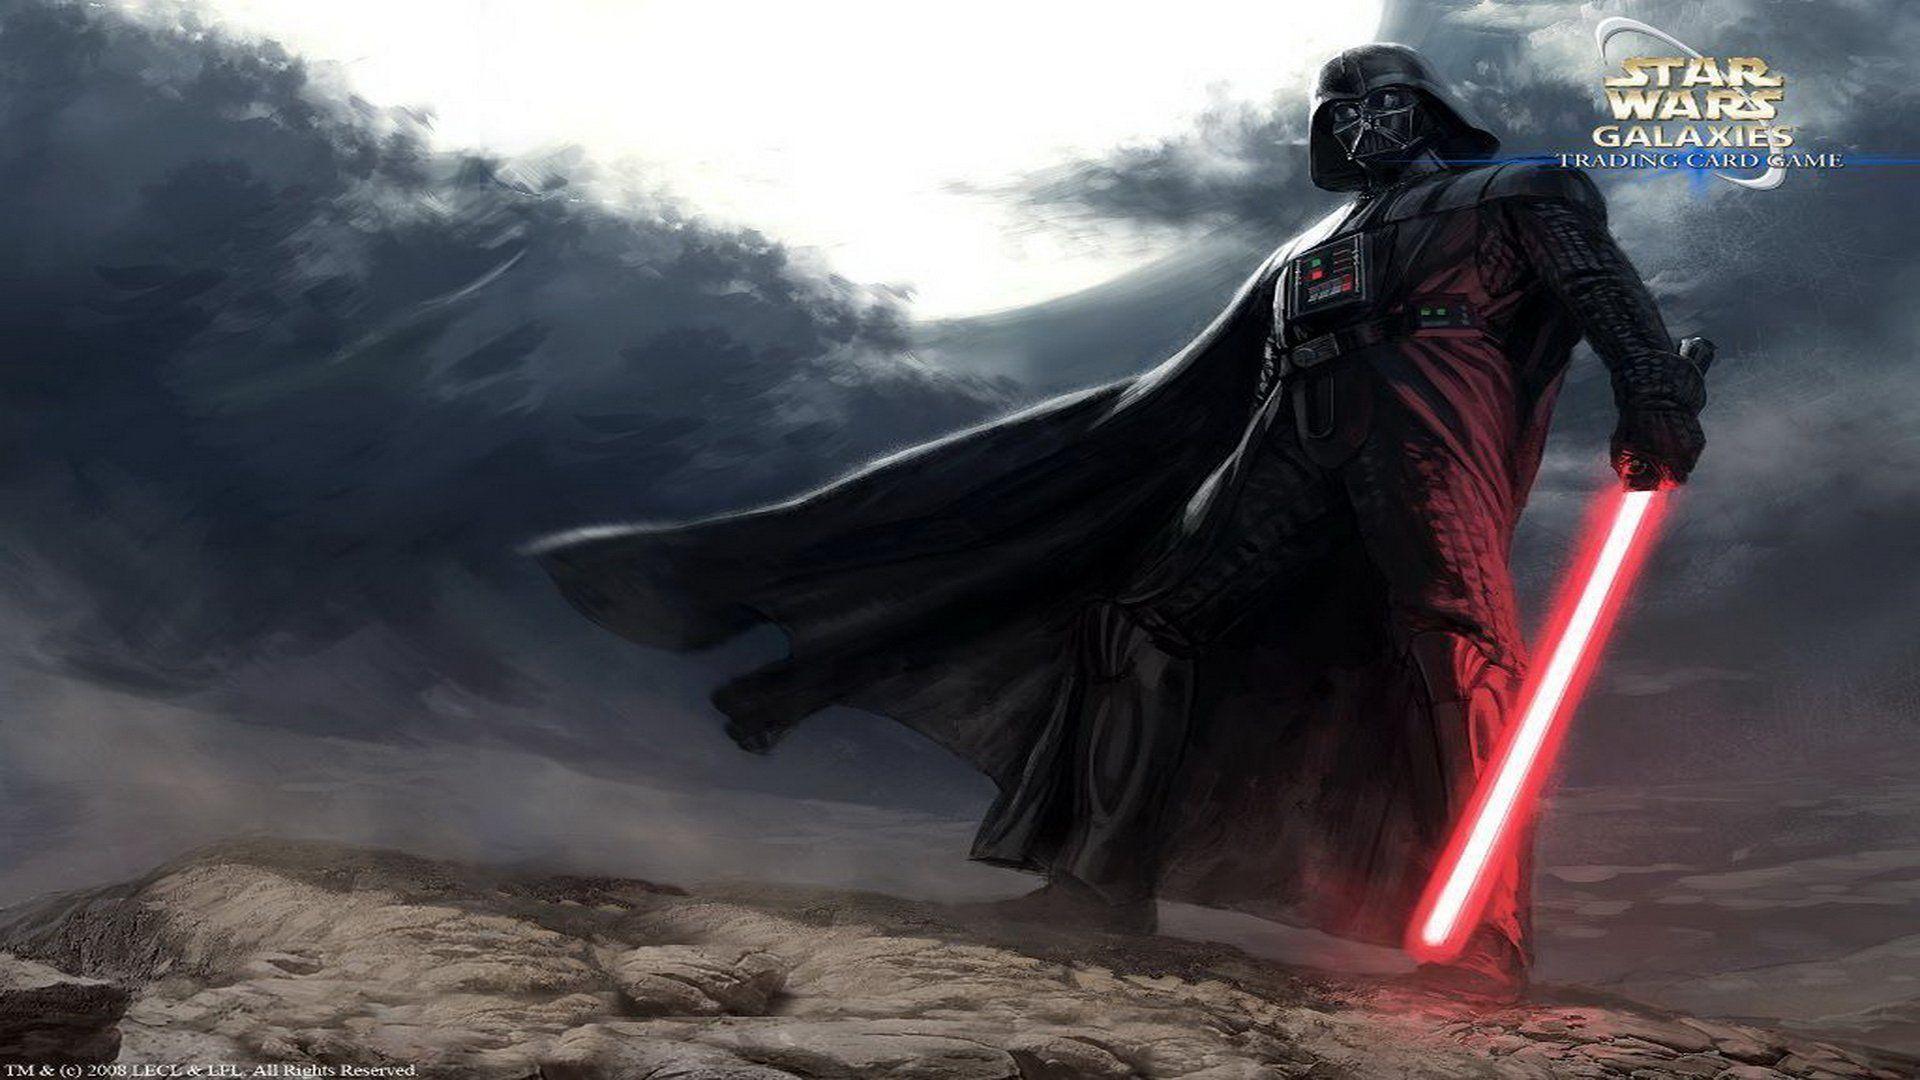 Darth Vader Wallpaper Iphone: Star Wars Darth Vader Wallpaper » WallDevil